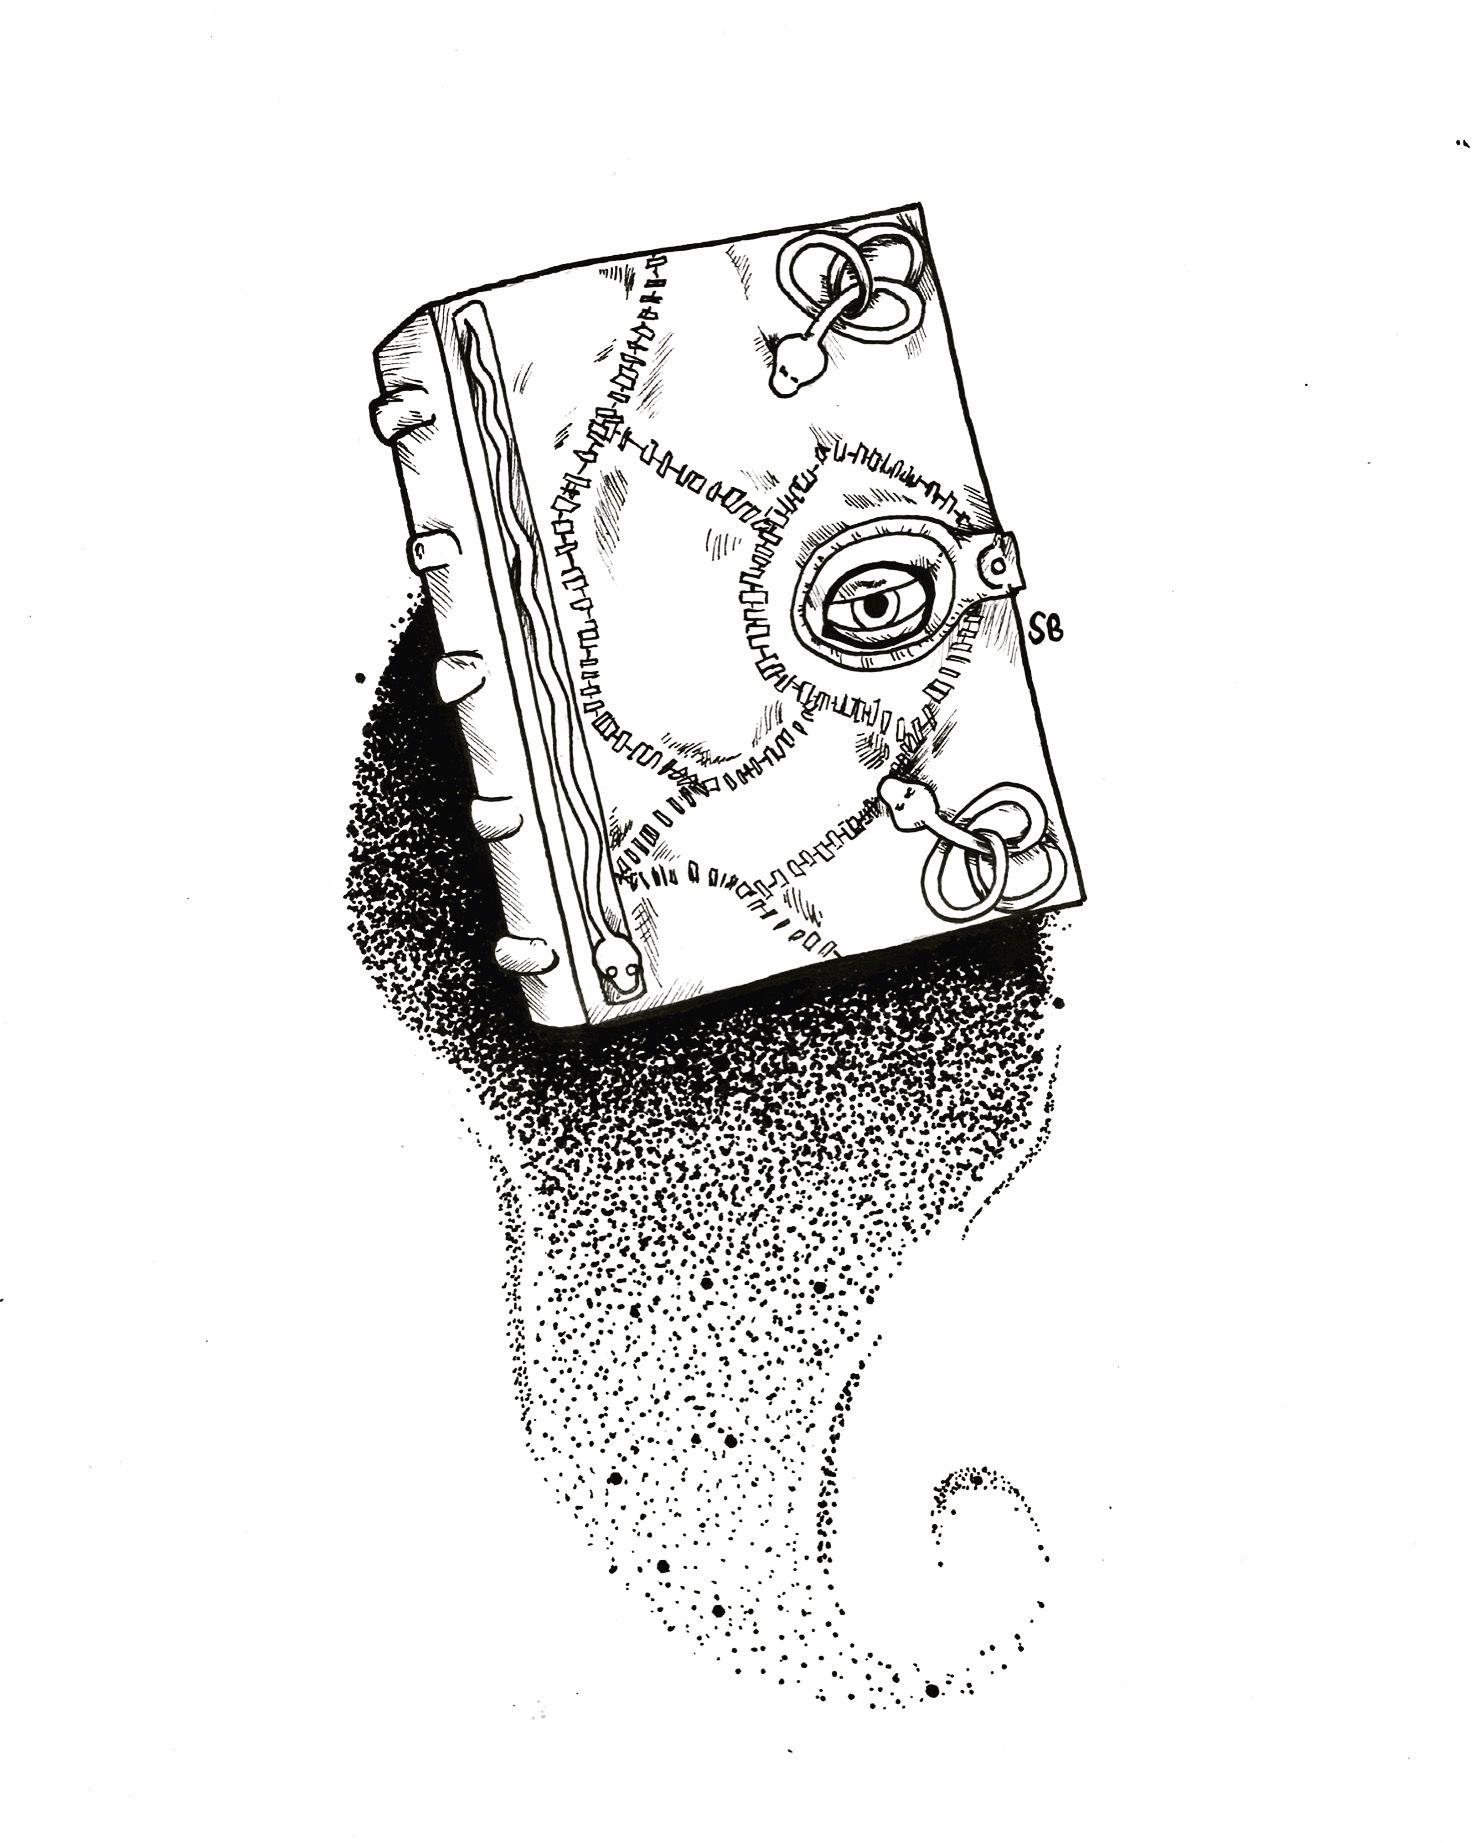 Hocus Pocus Spell Book Book Tattoo Hocus Pocus Spell Book Pen Drawing